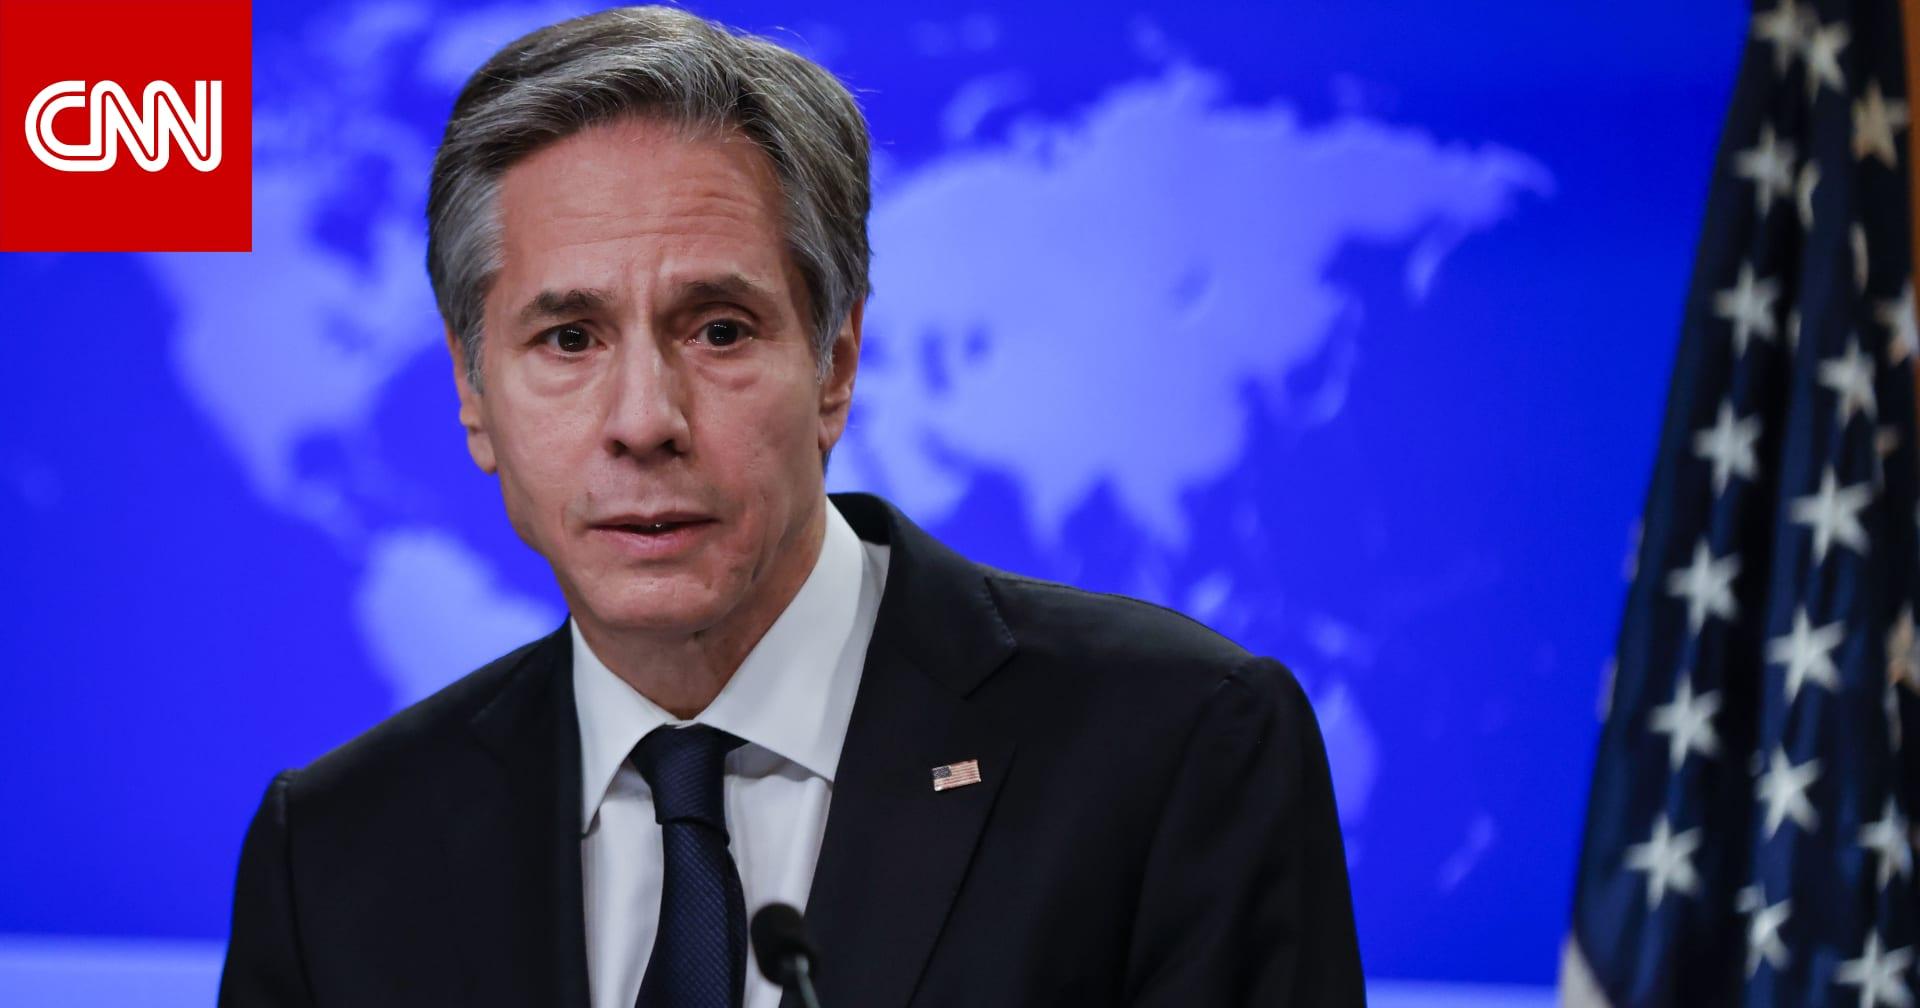 وزير الخارجية الأمريكي: نراجع علاقاتنا مع السعودية.. وإيران تقترب من امتلاك القدرة على صنع سلاح نووي